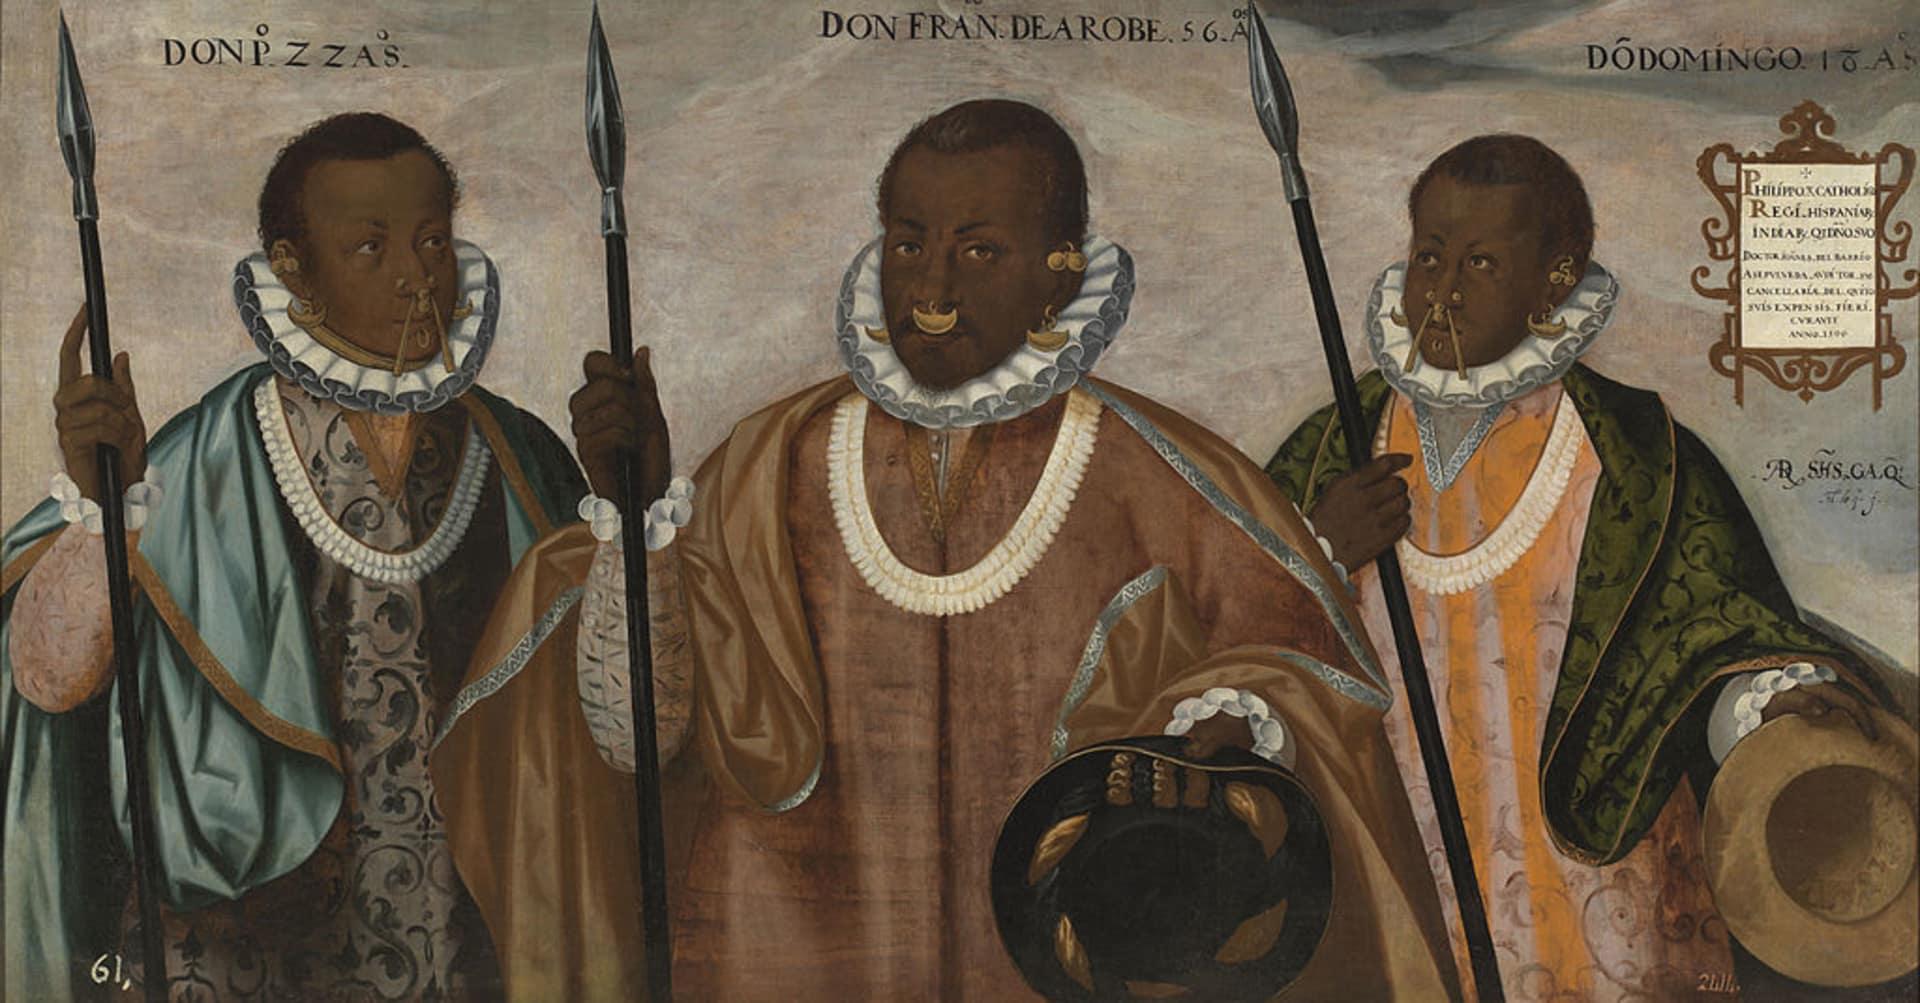 Los conquistadores negros. El papel africano en la conquista de América